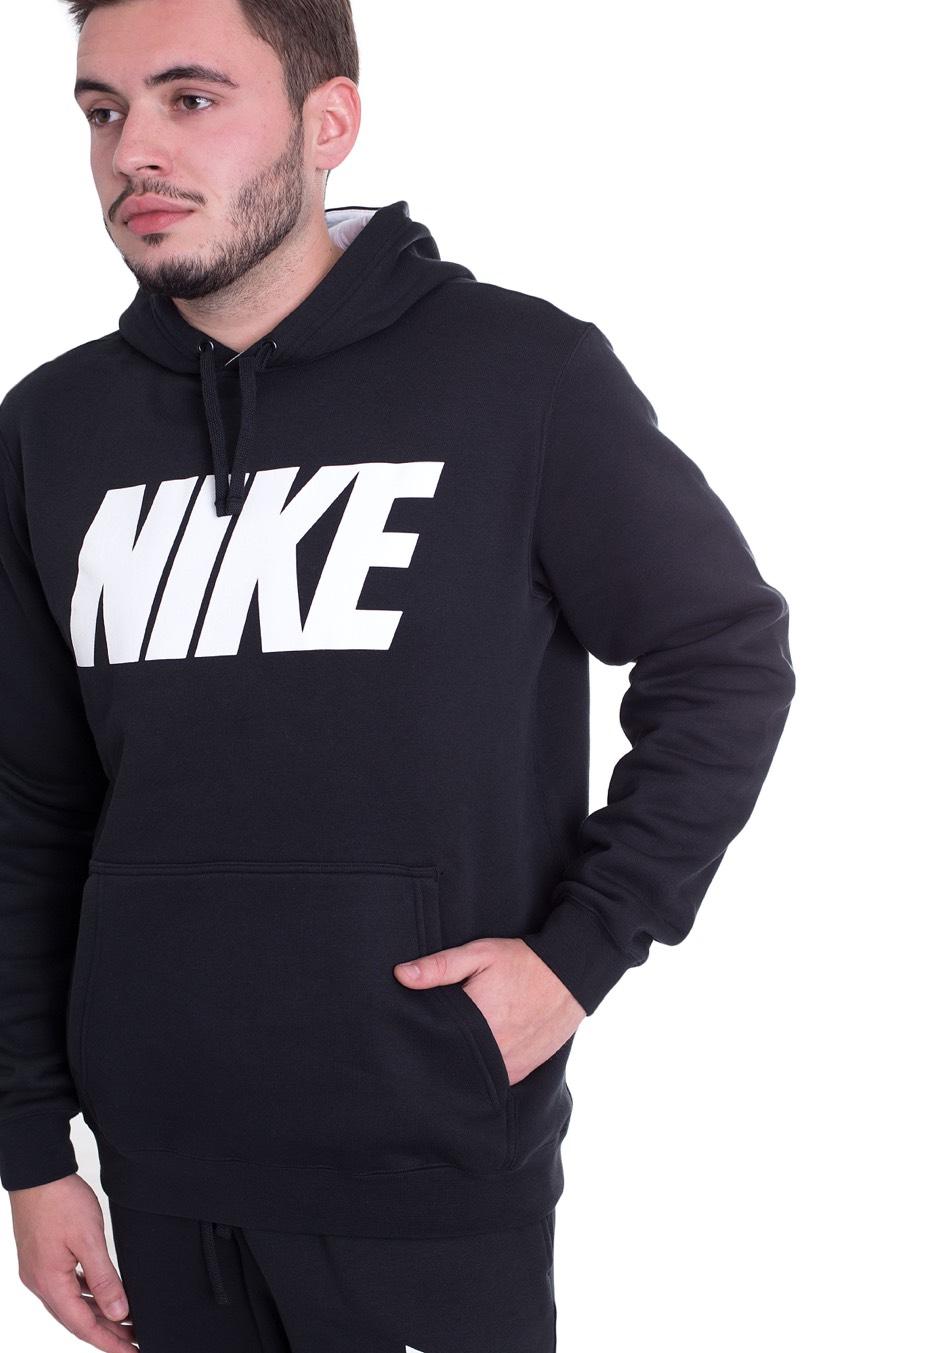 6741643e5520d Nike - NSW GX JDI Black Black White - Tracksuit - Streetwear Shop ...